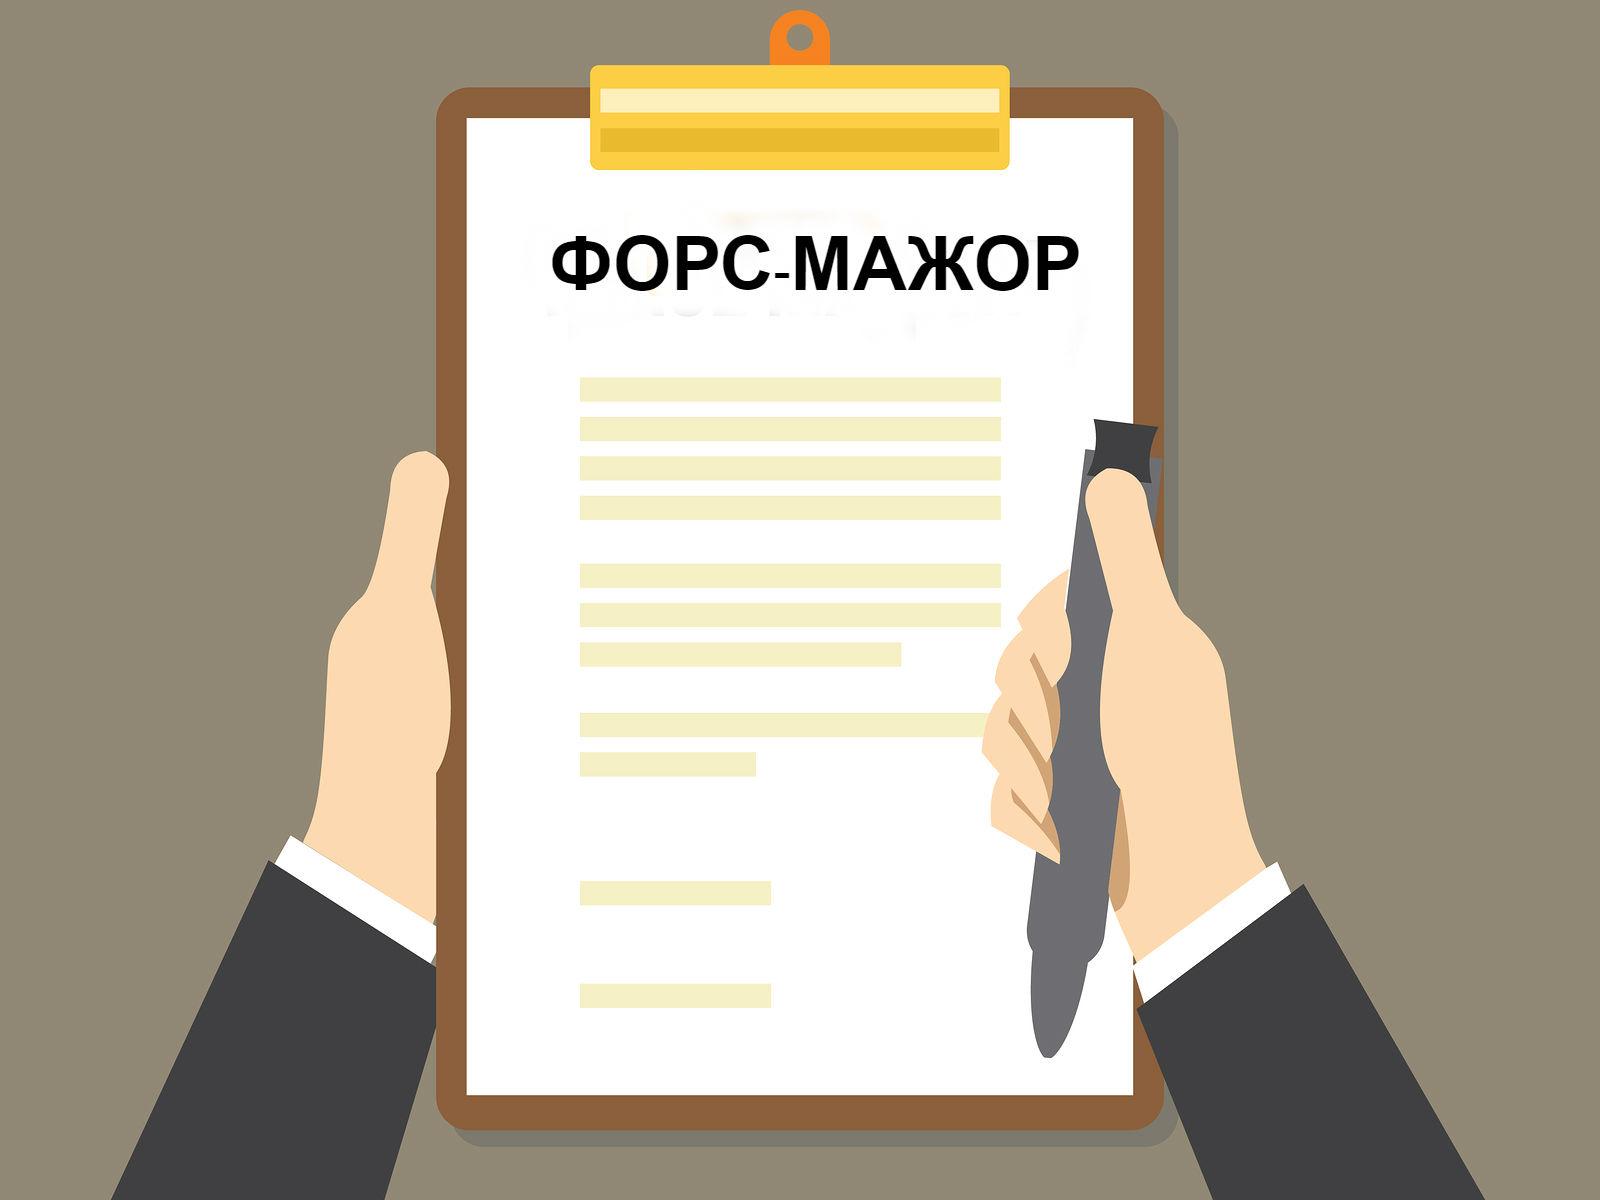 Договор на создание сайта форс-мажор